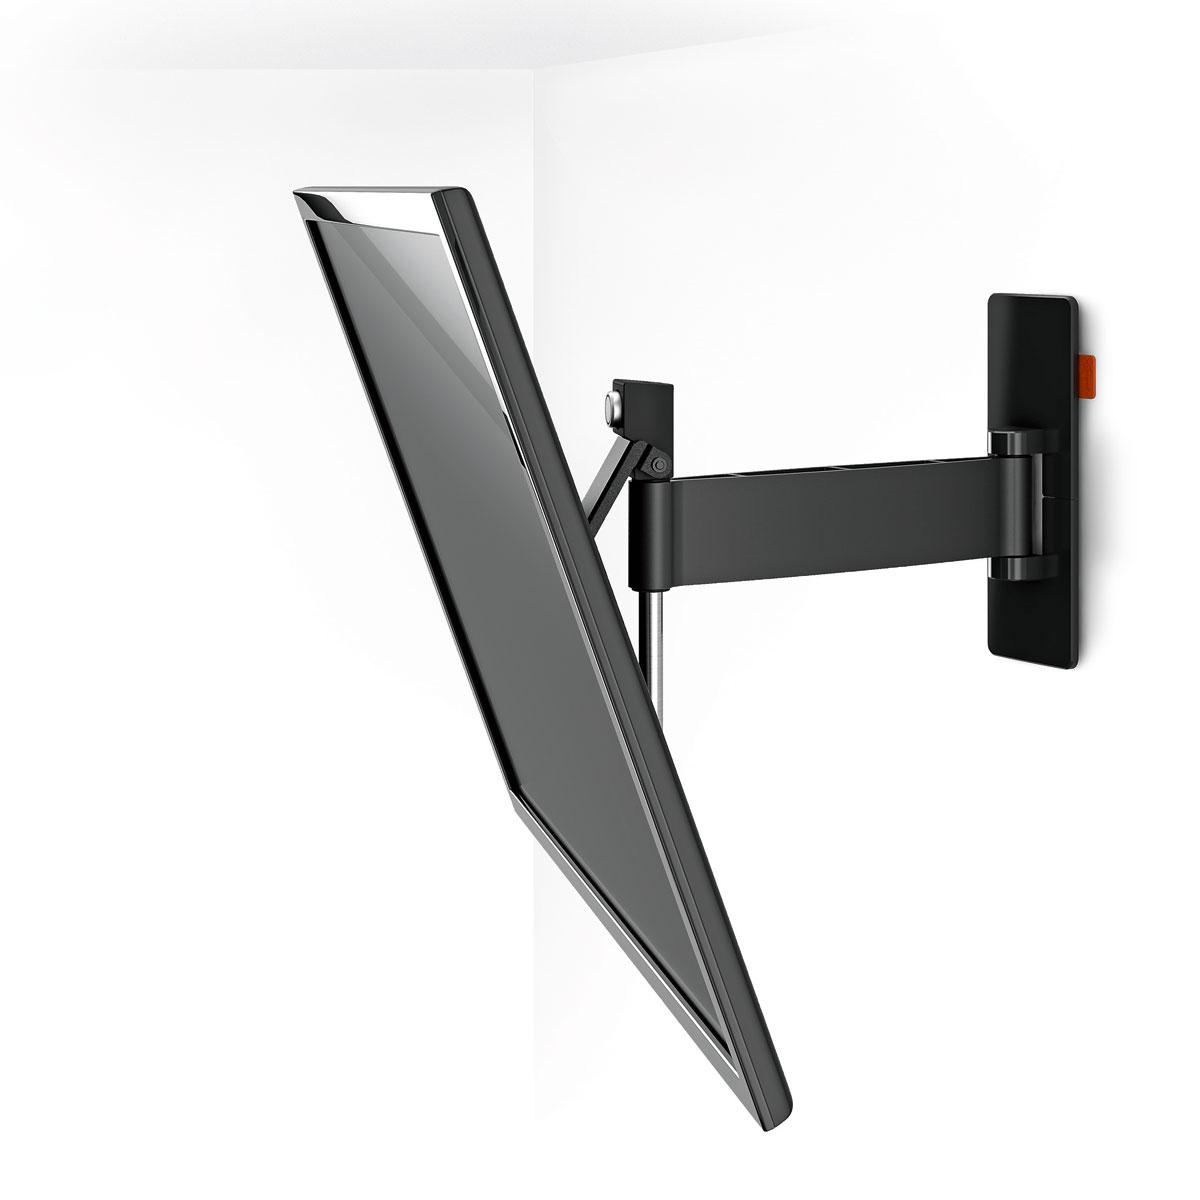 vogels 2225 support mural tv wall 81 140 cm comparer avec. Black Bedroom Furniture Sets. Home Design Ideas